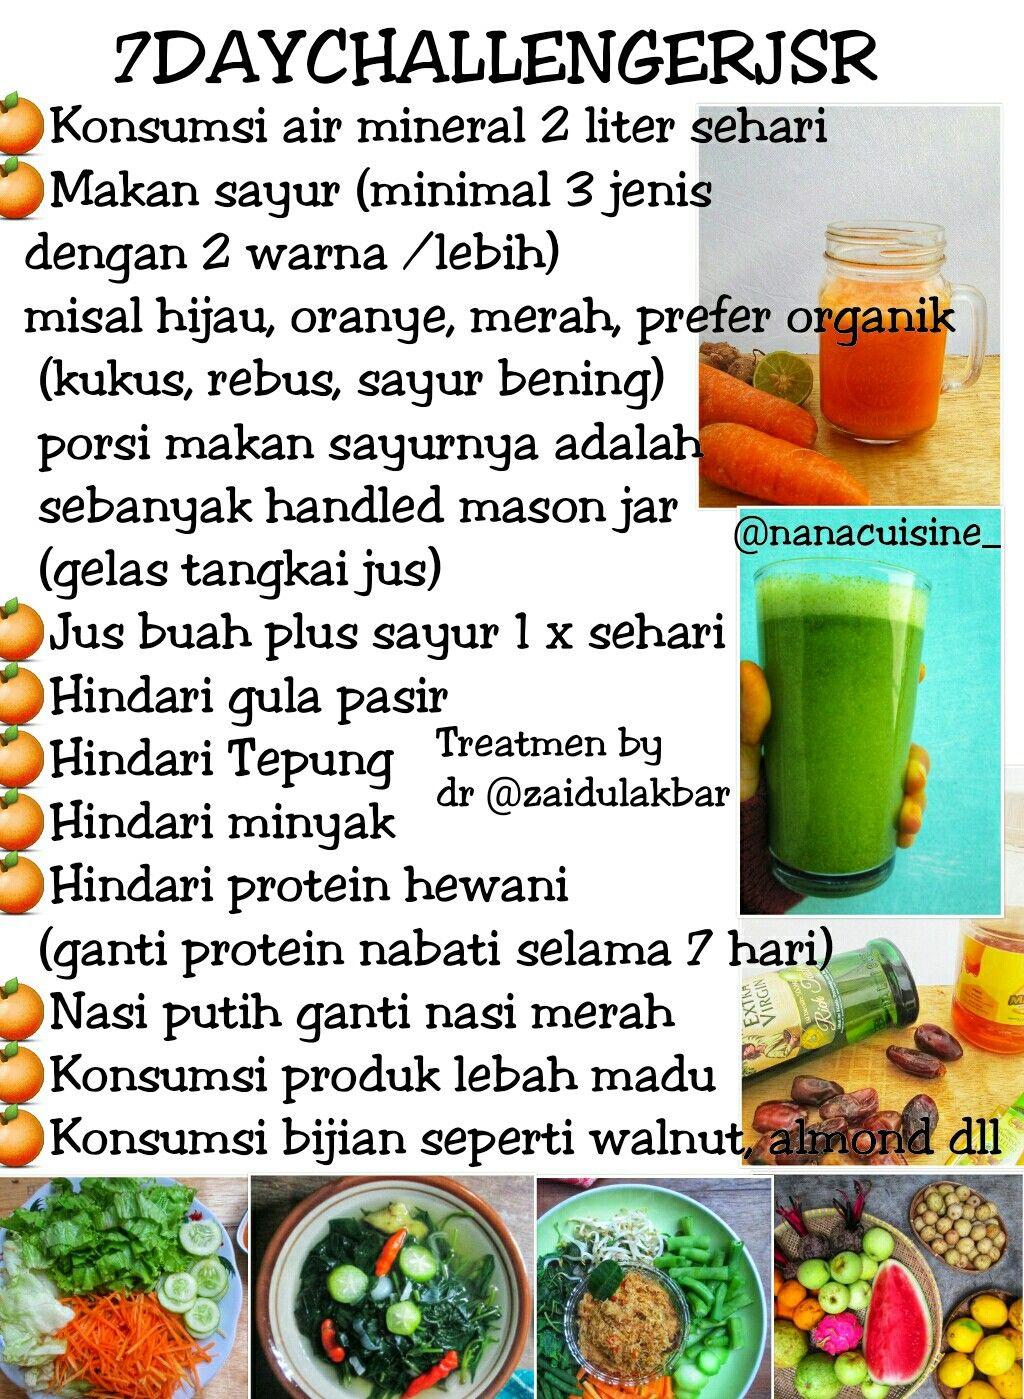 Pin Oleh Nayra Anwar Di Resep Jsr Resep Makanan Sehat Kesehatan Alami Makanan Sehat